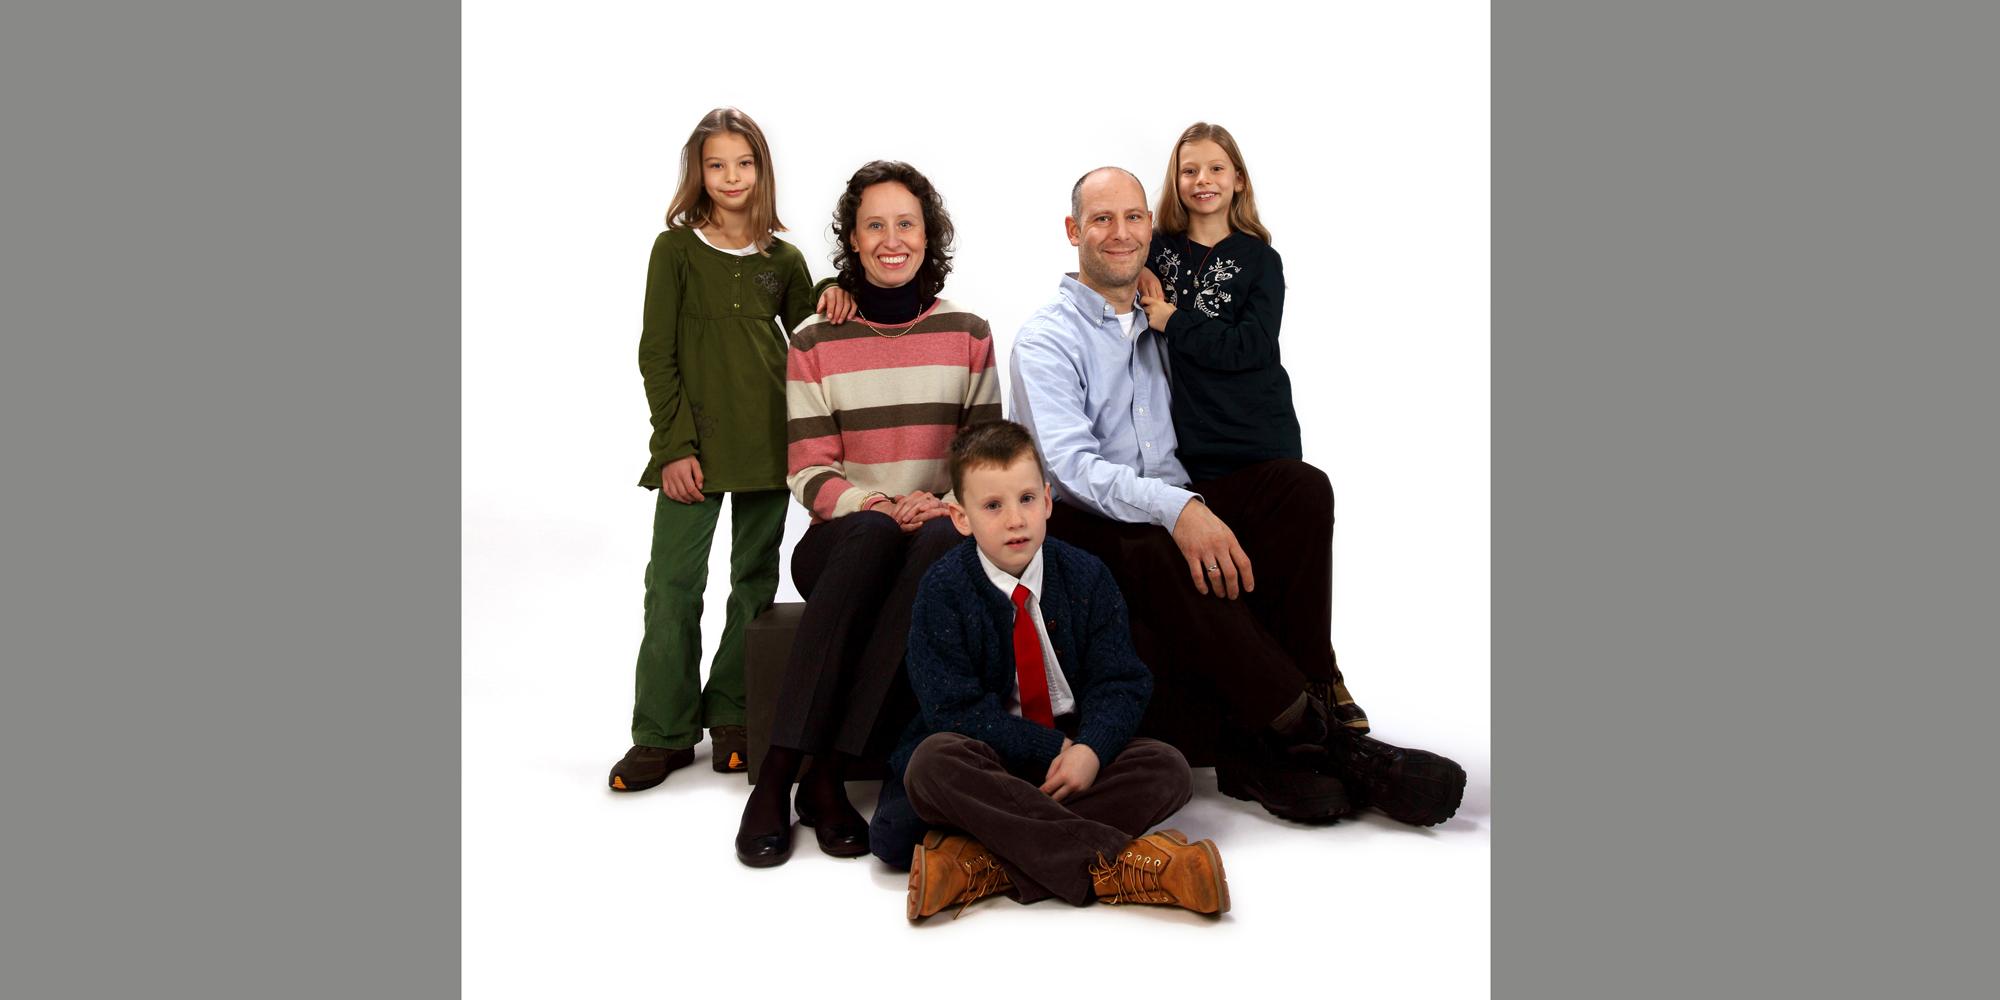 Ganzkörperportrait (Familienfoto) in Farbe von einem Mann und einer Frau, die nebeneinander sitzen, zwei Mädchen, die ihre Hände auf deren Schulter ablegen und einem kleinen Jungen mit roter Krawatte, der davor auf dem Boden im Schneidersitz posiert.